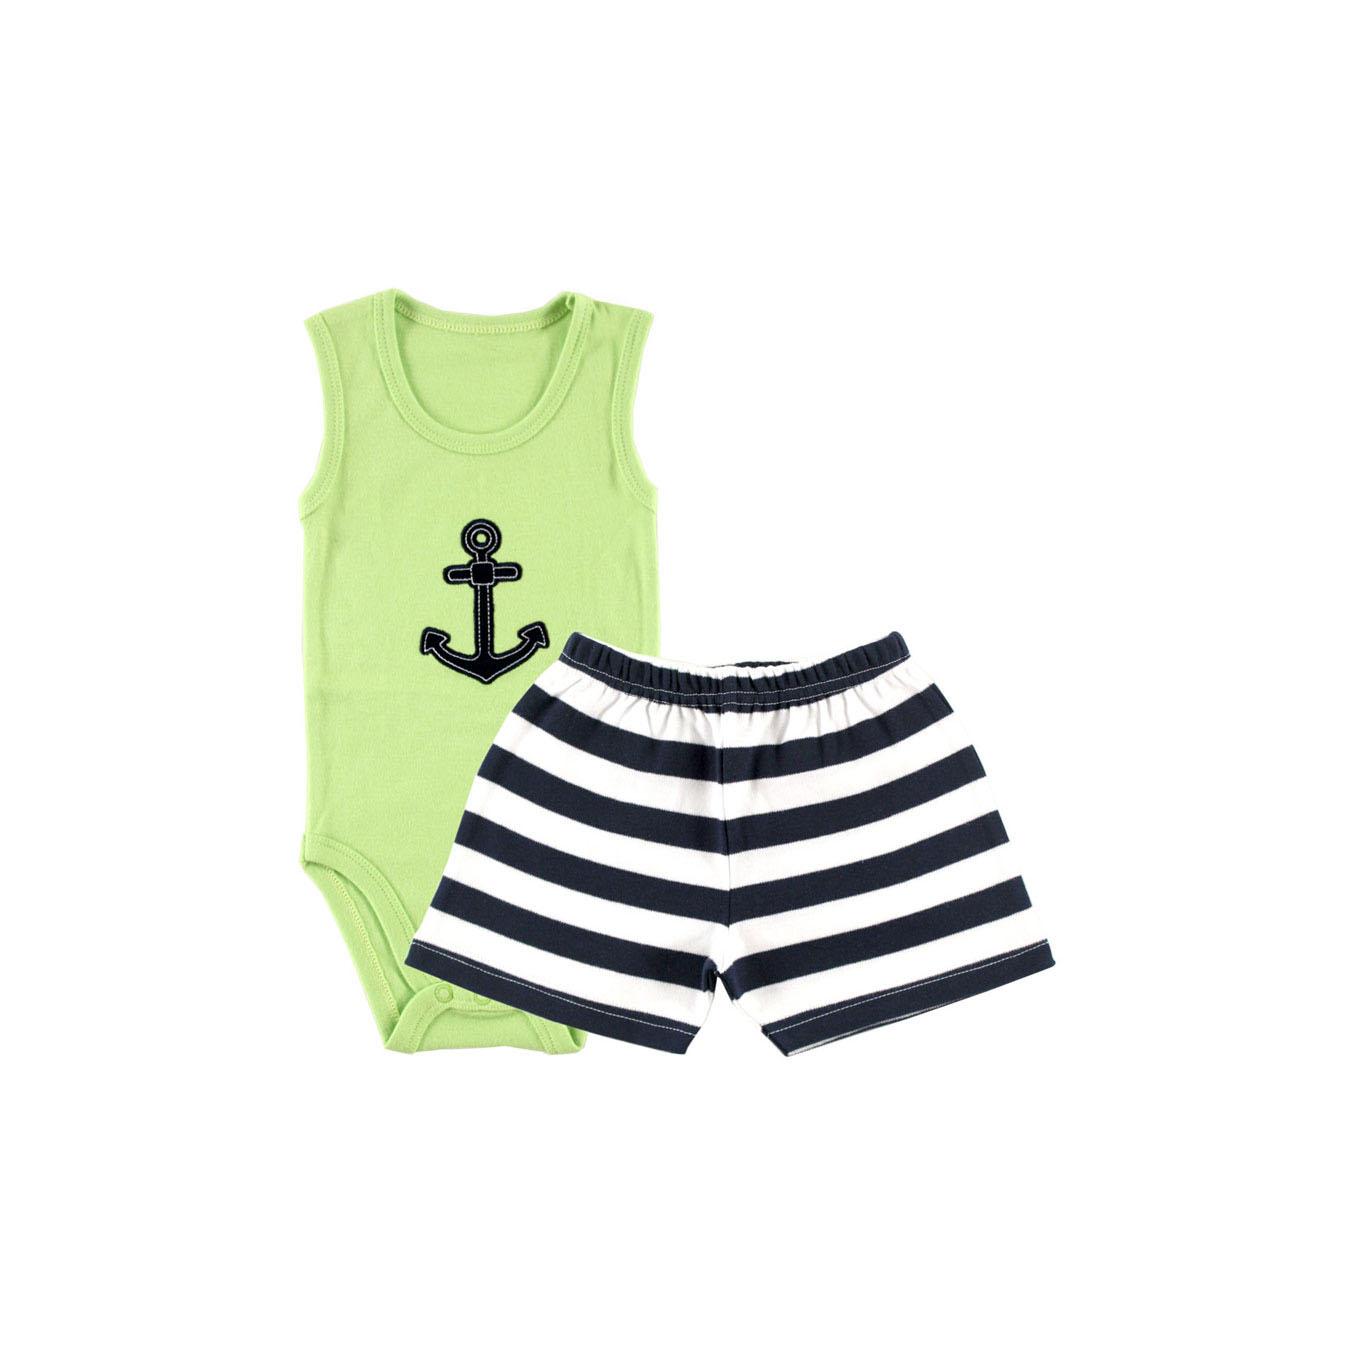 Комплект Hudson Baby Боди-майка и шорты Якорь, 2 пр., для мальчика, цвет зеленый 3-6 мес. (61-67 см)